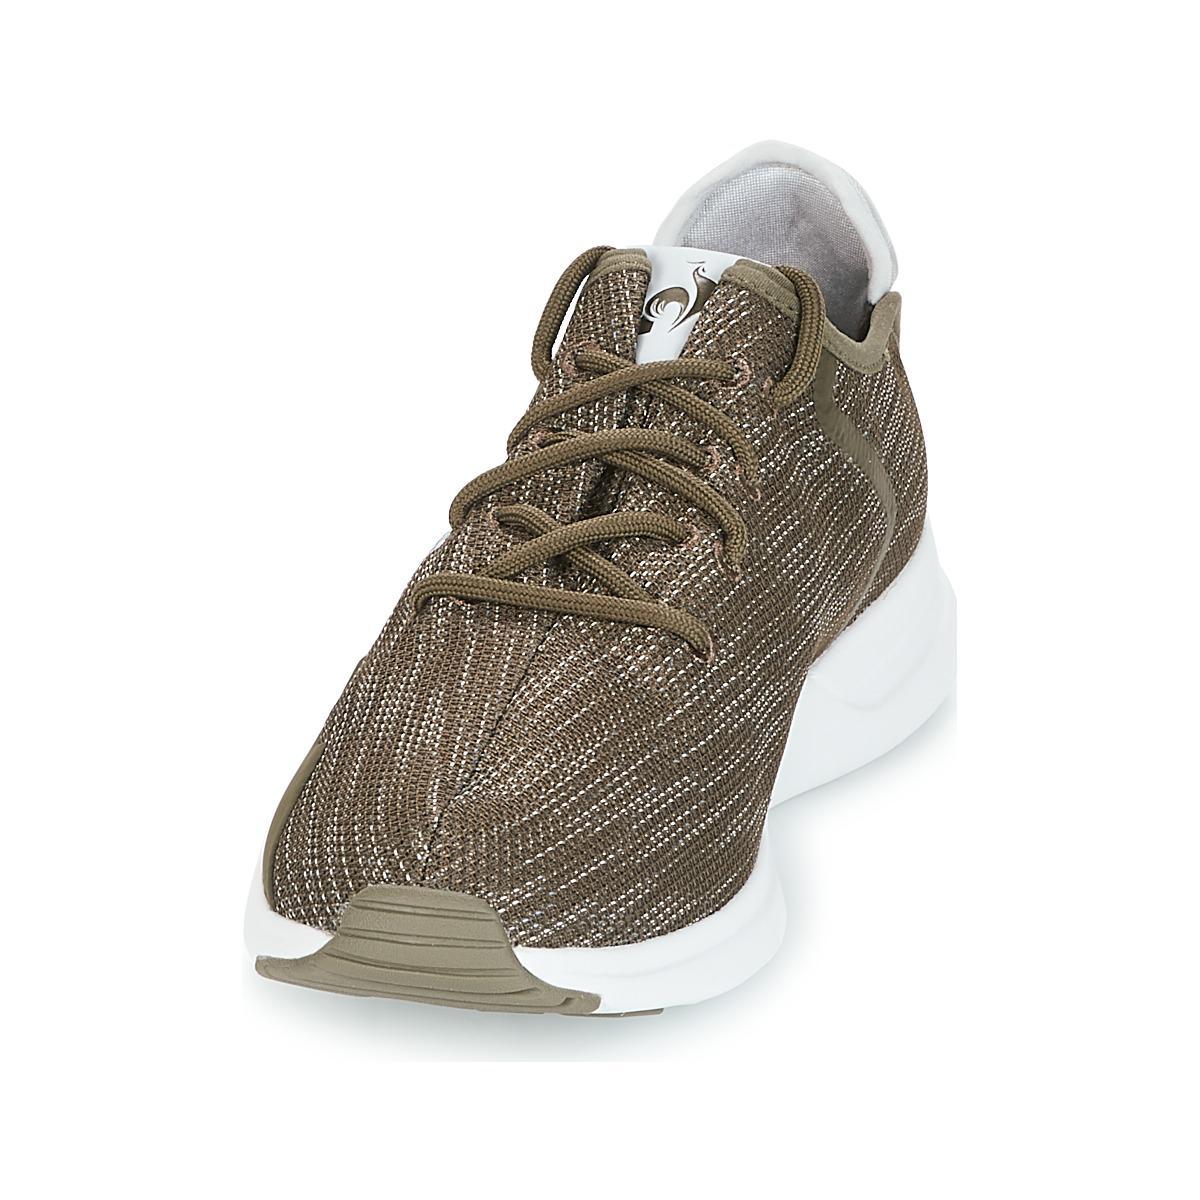 3830d03d9f14 Le Coq Sportif Solas Premium Men s Shoes (trainers) In Multicolour ...